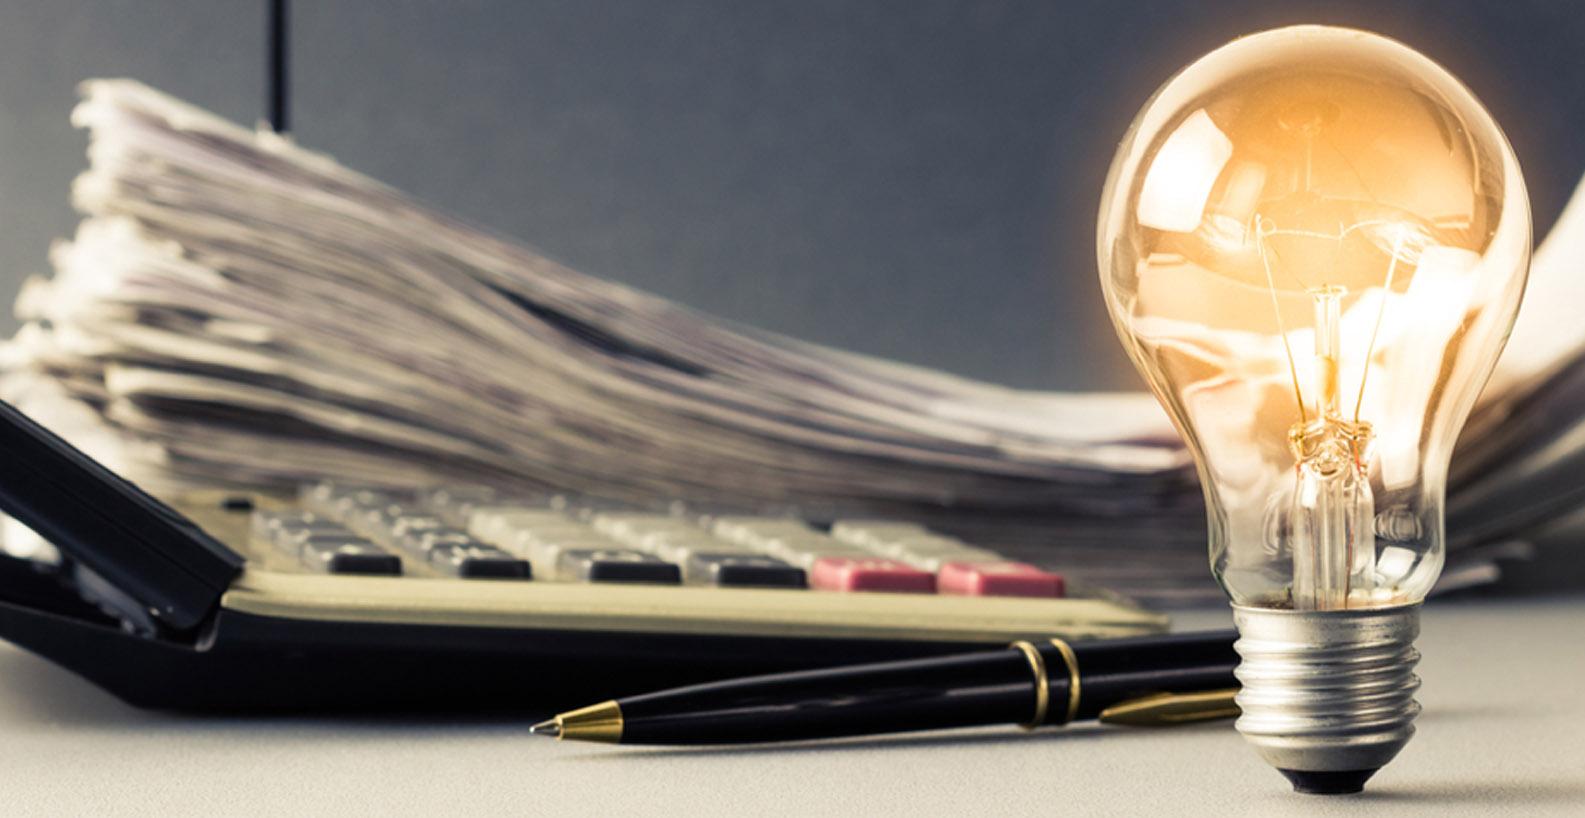 ¿Qué impacto tiene el aislamiento  en las facturas de energía?